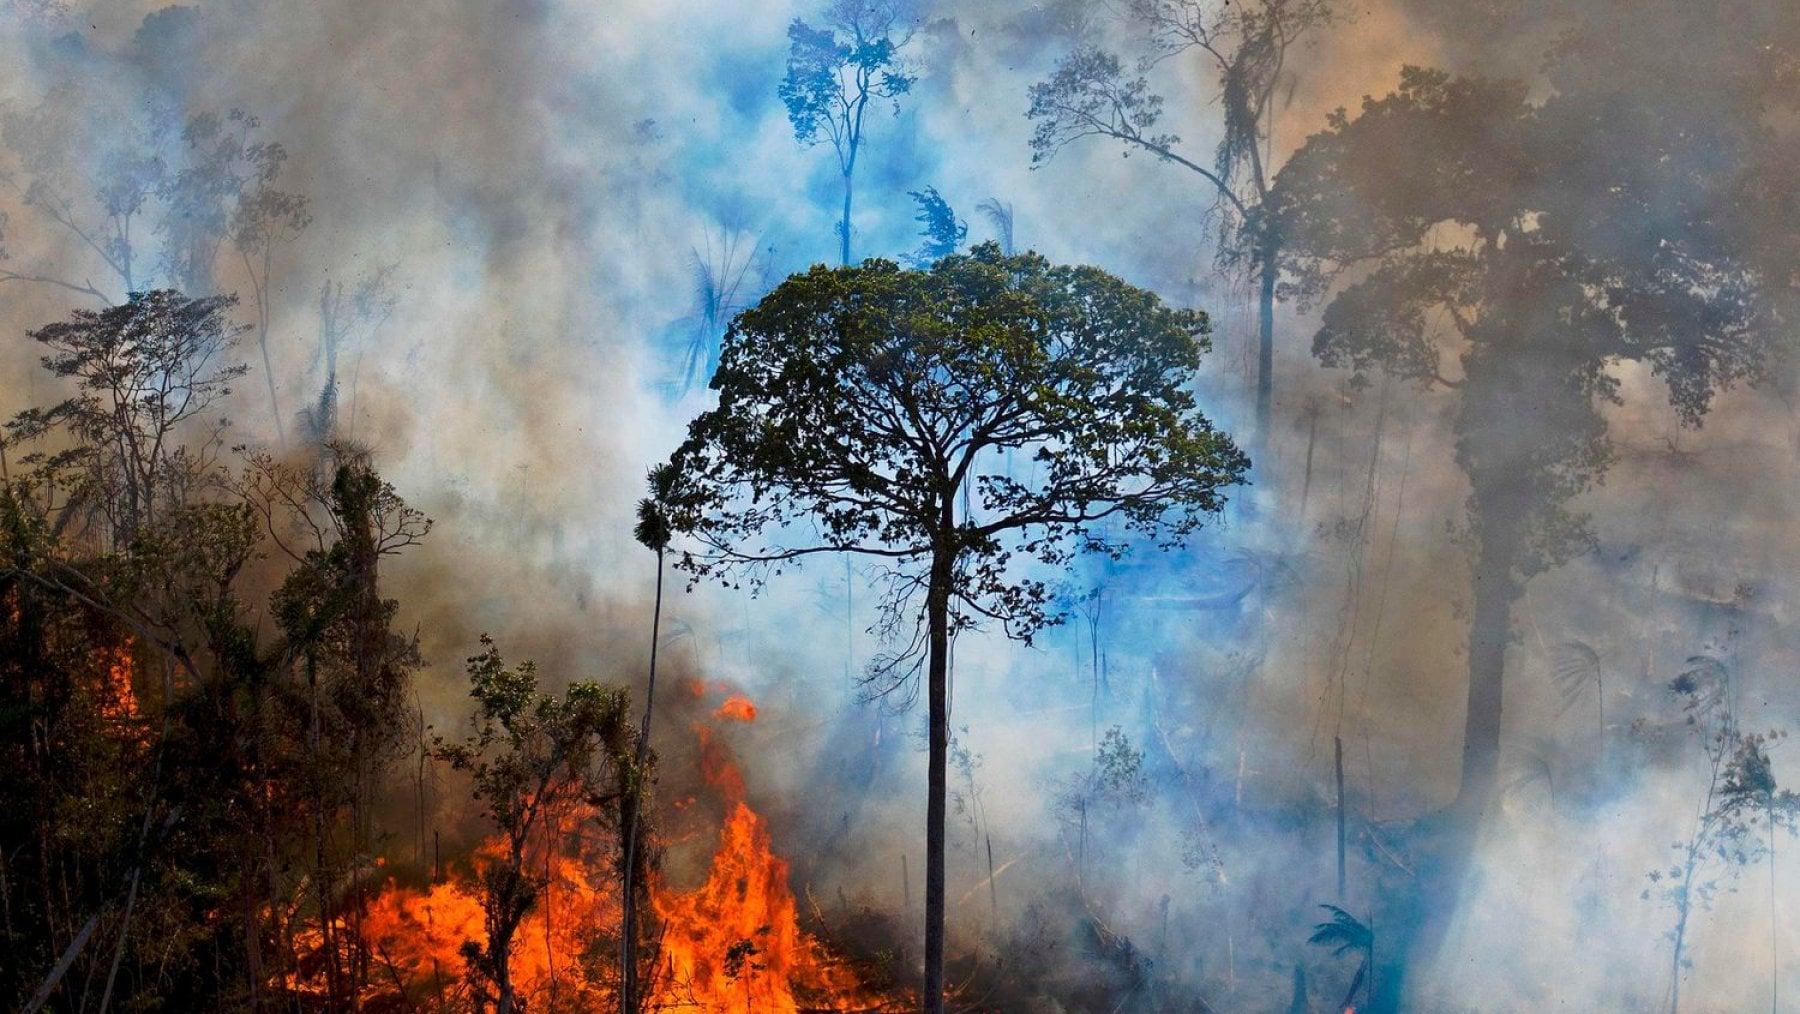 181041626 d99ac551 8f07 43dd b75e ccaaef65d053 - Amazzonia, 2020 anno nero: devastati 8.500 chilometri quadrati di foreste